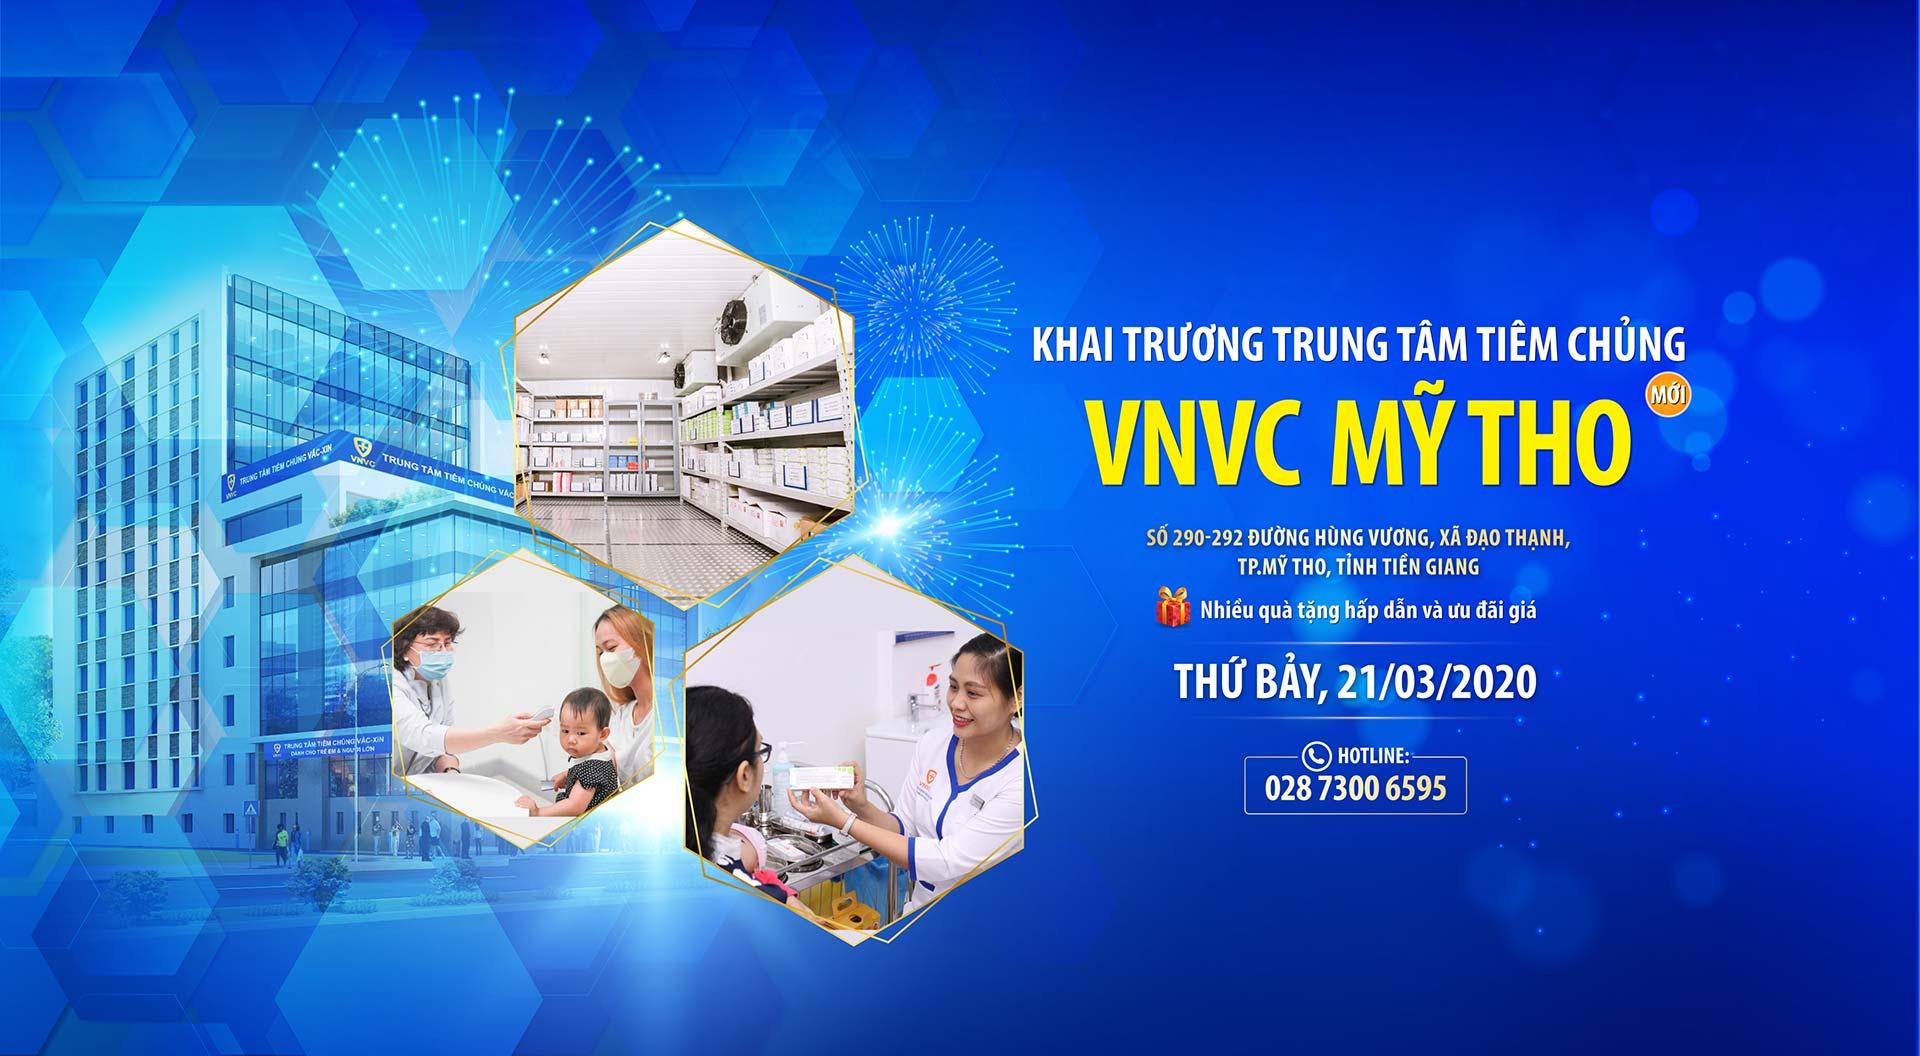 Khai trương trung tâm tiêm chủng VNVC Mỹ Tho